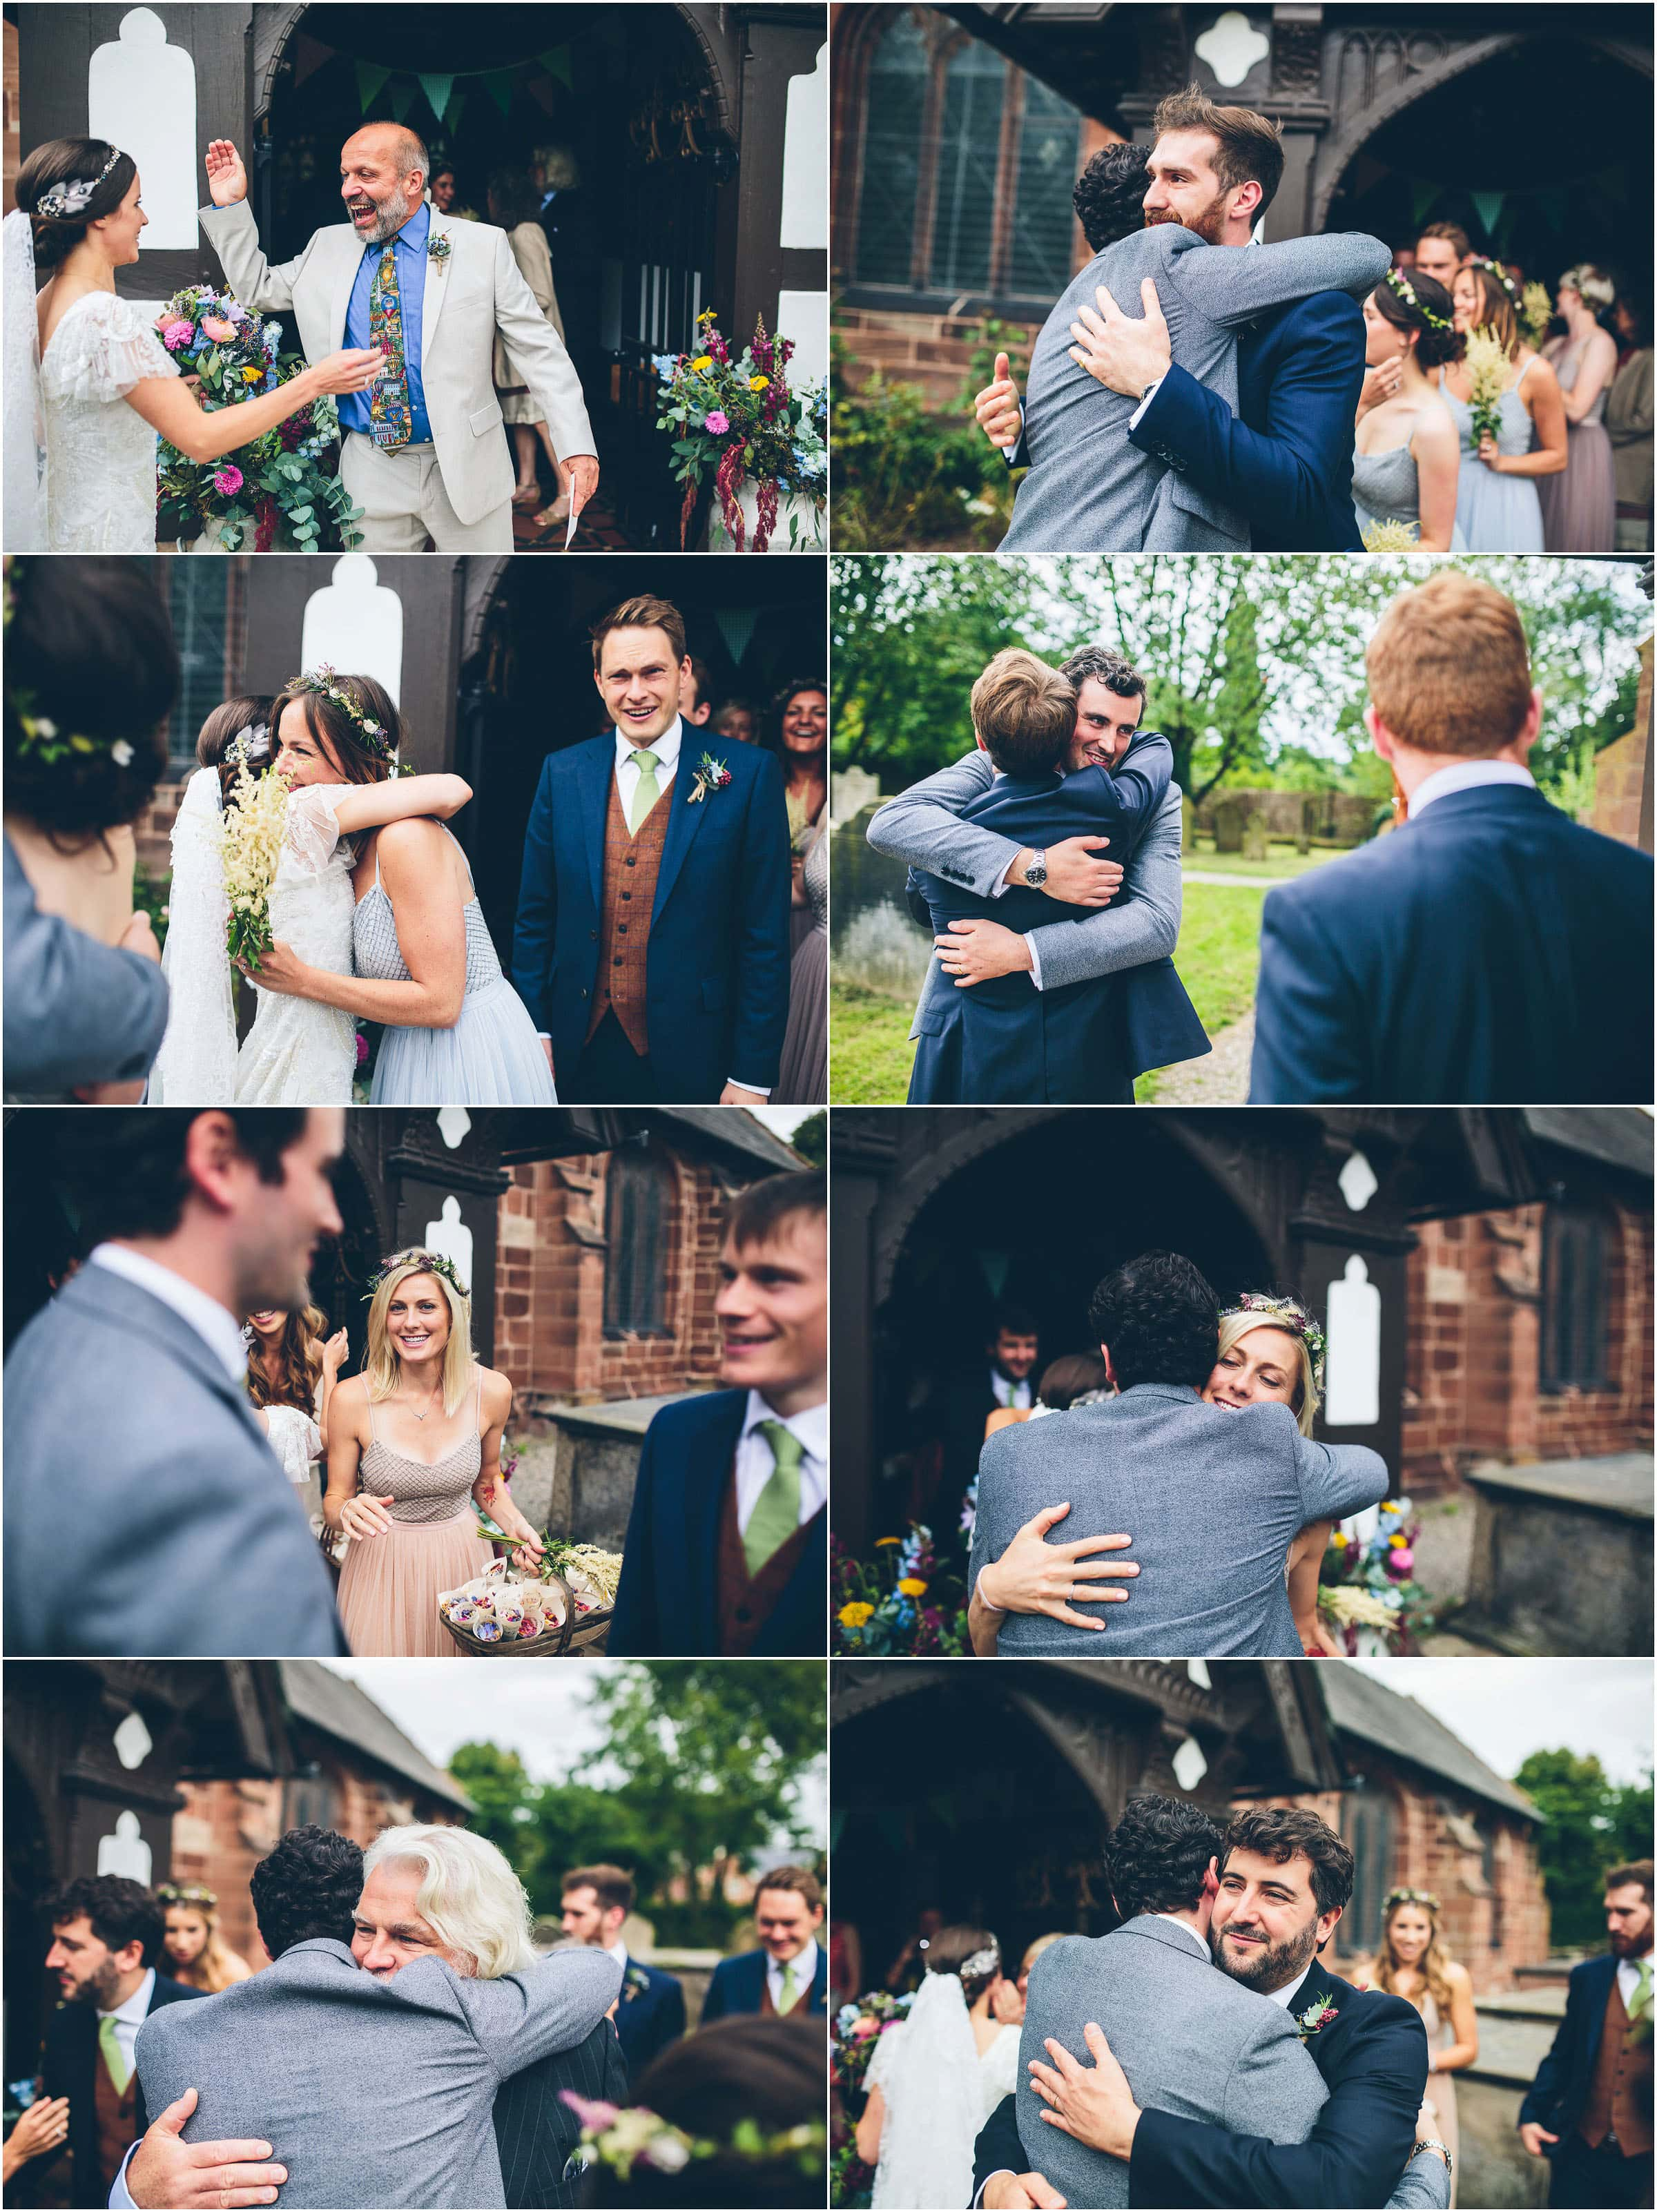 Harthill_Weddings_Wedding_Photography_0059